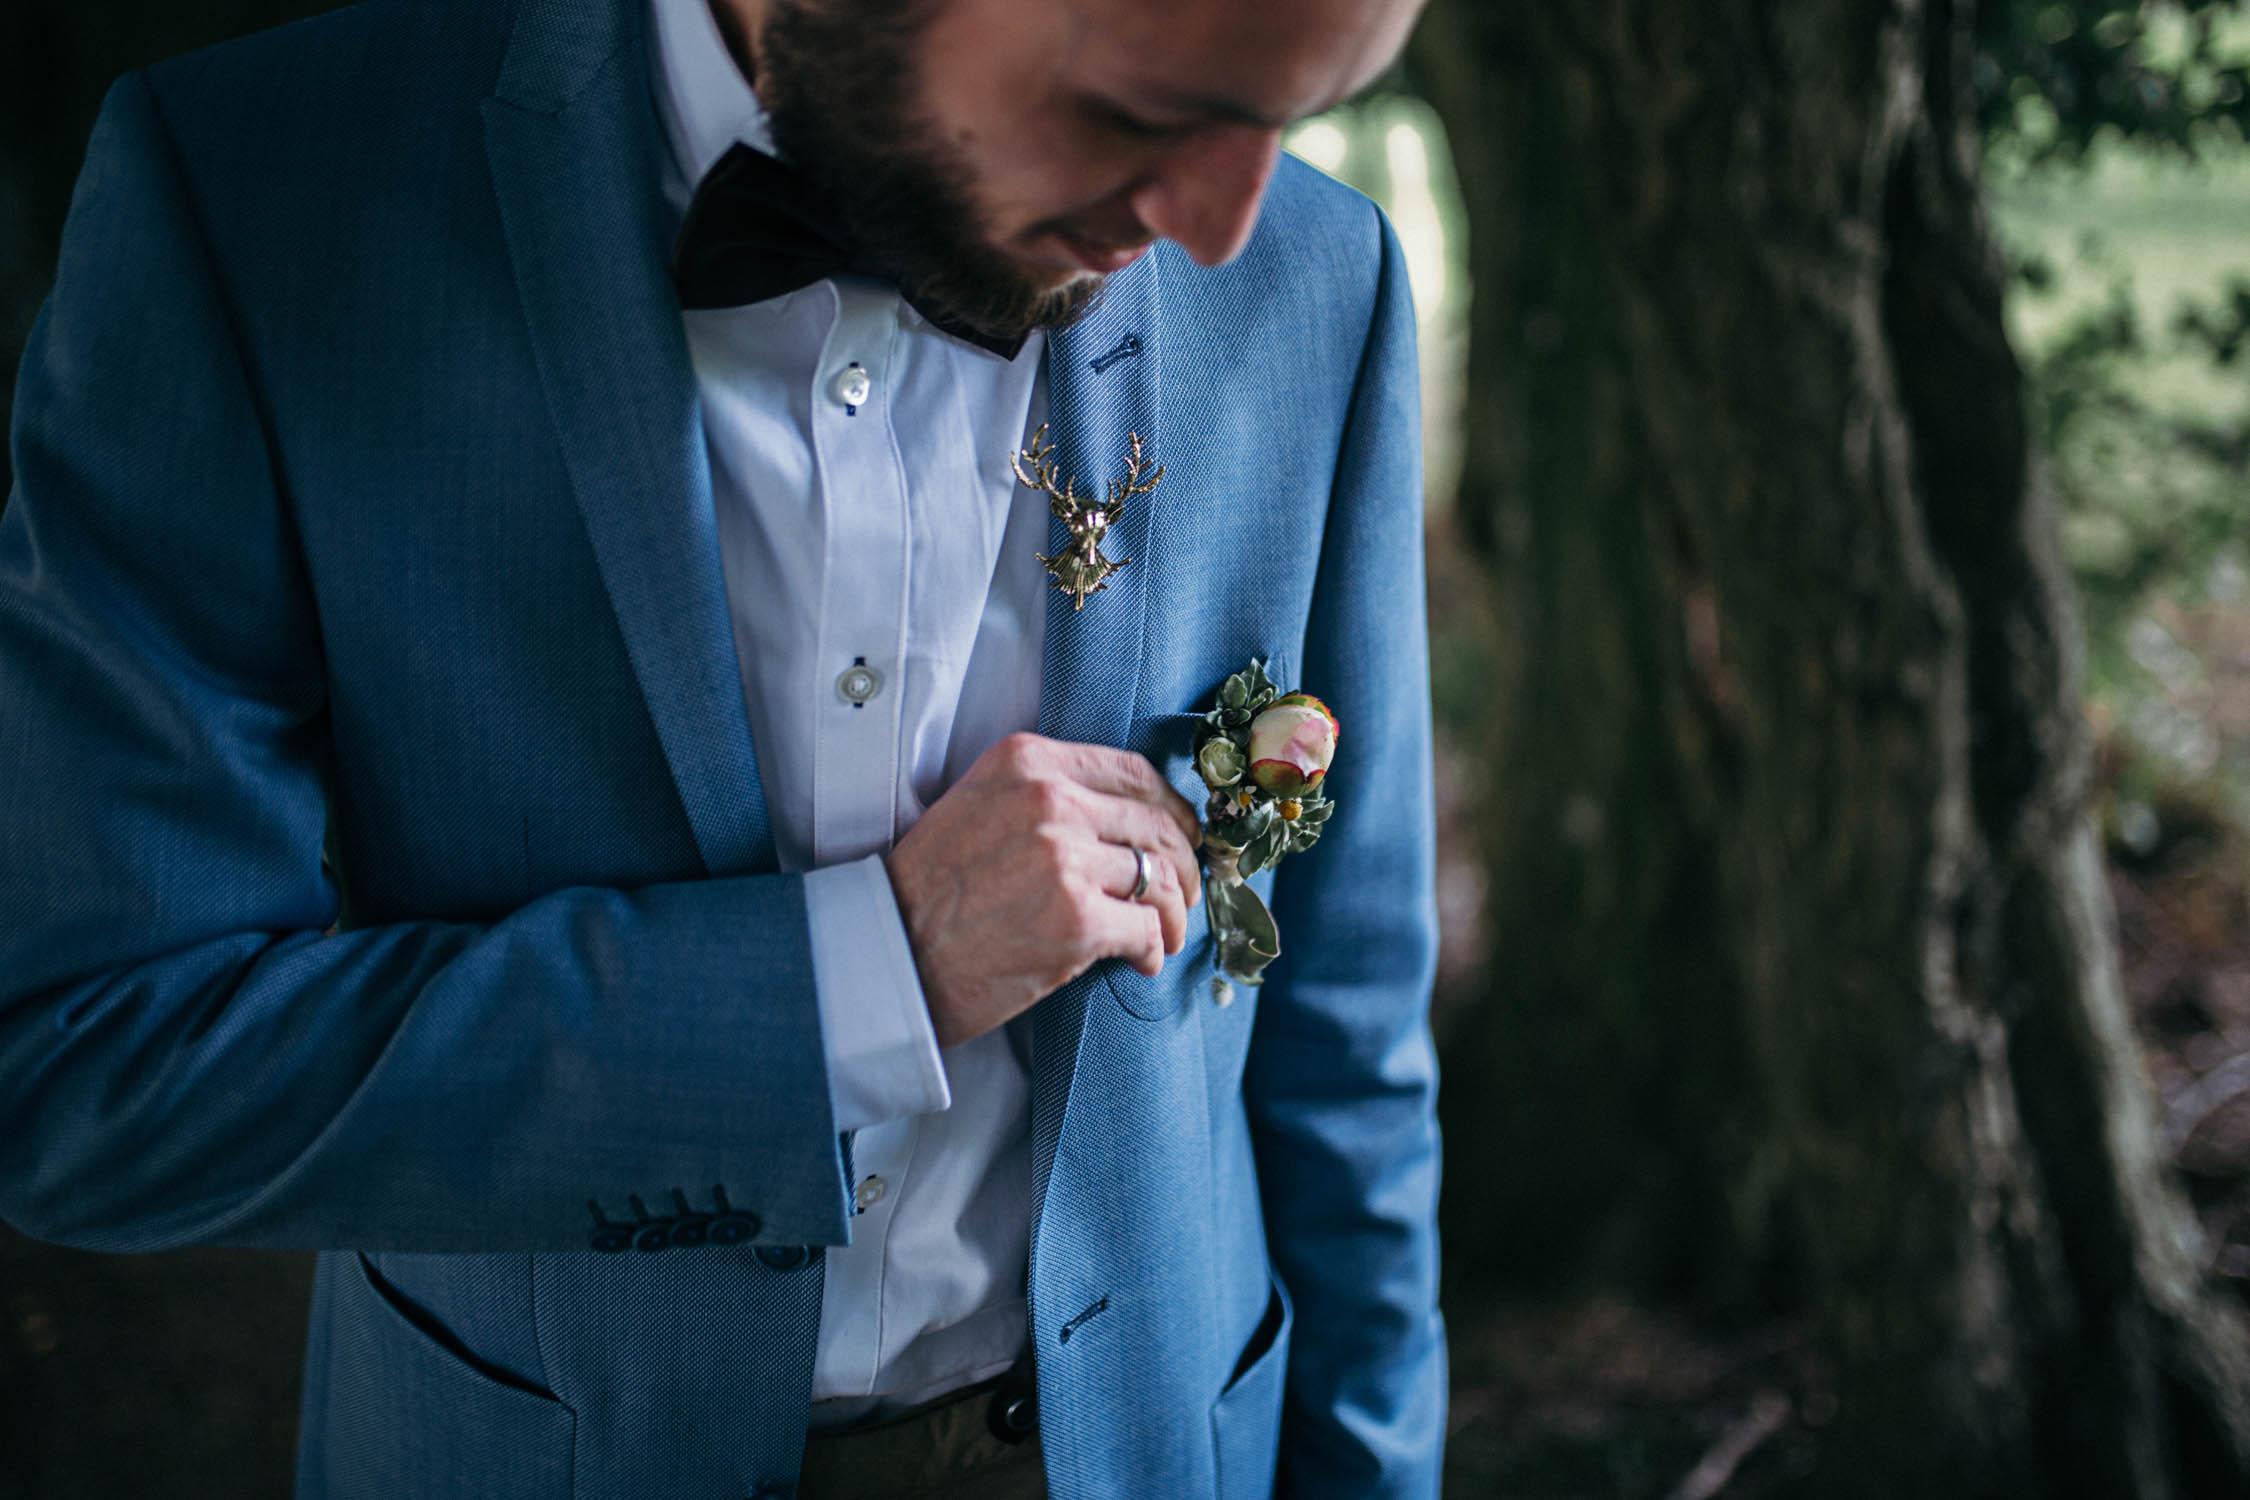 Bräutigam-buttonhole-blumendeko-hochzeit-hirschbrosche